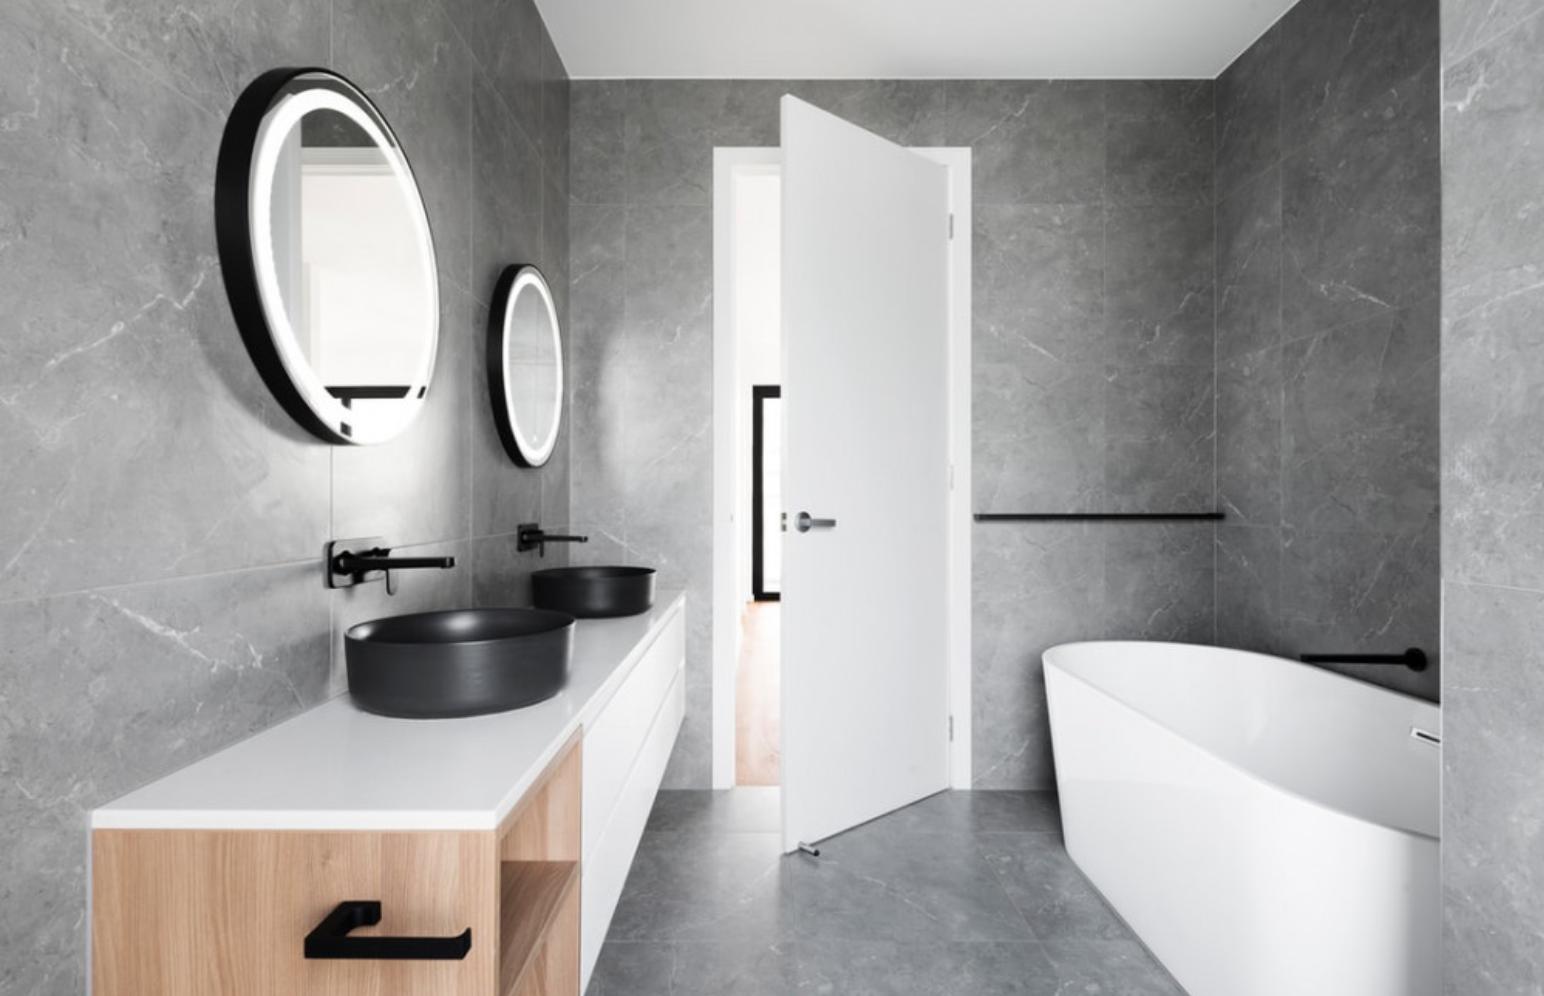 Why Are Bathroom Doors Often Smaller Than Other Doors? - Bathroom with open door